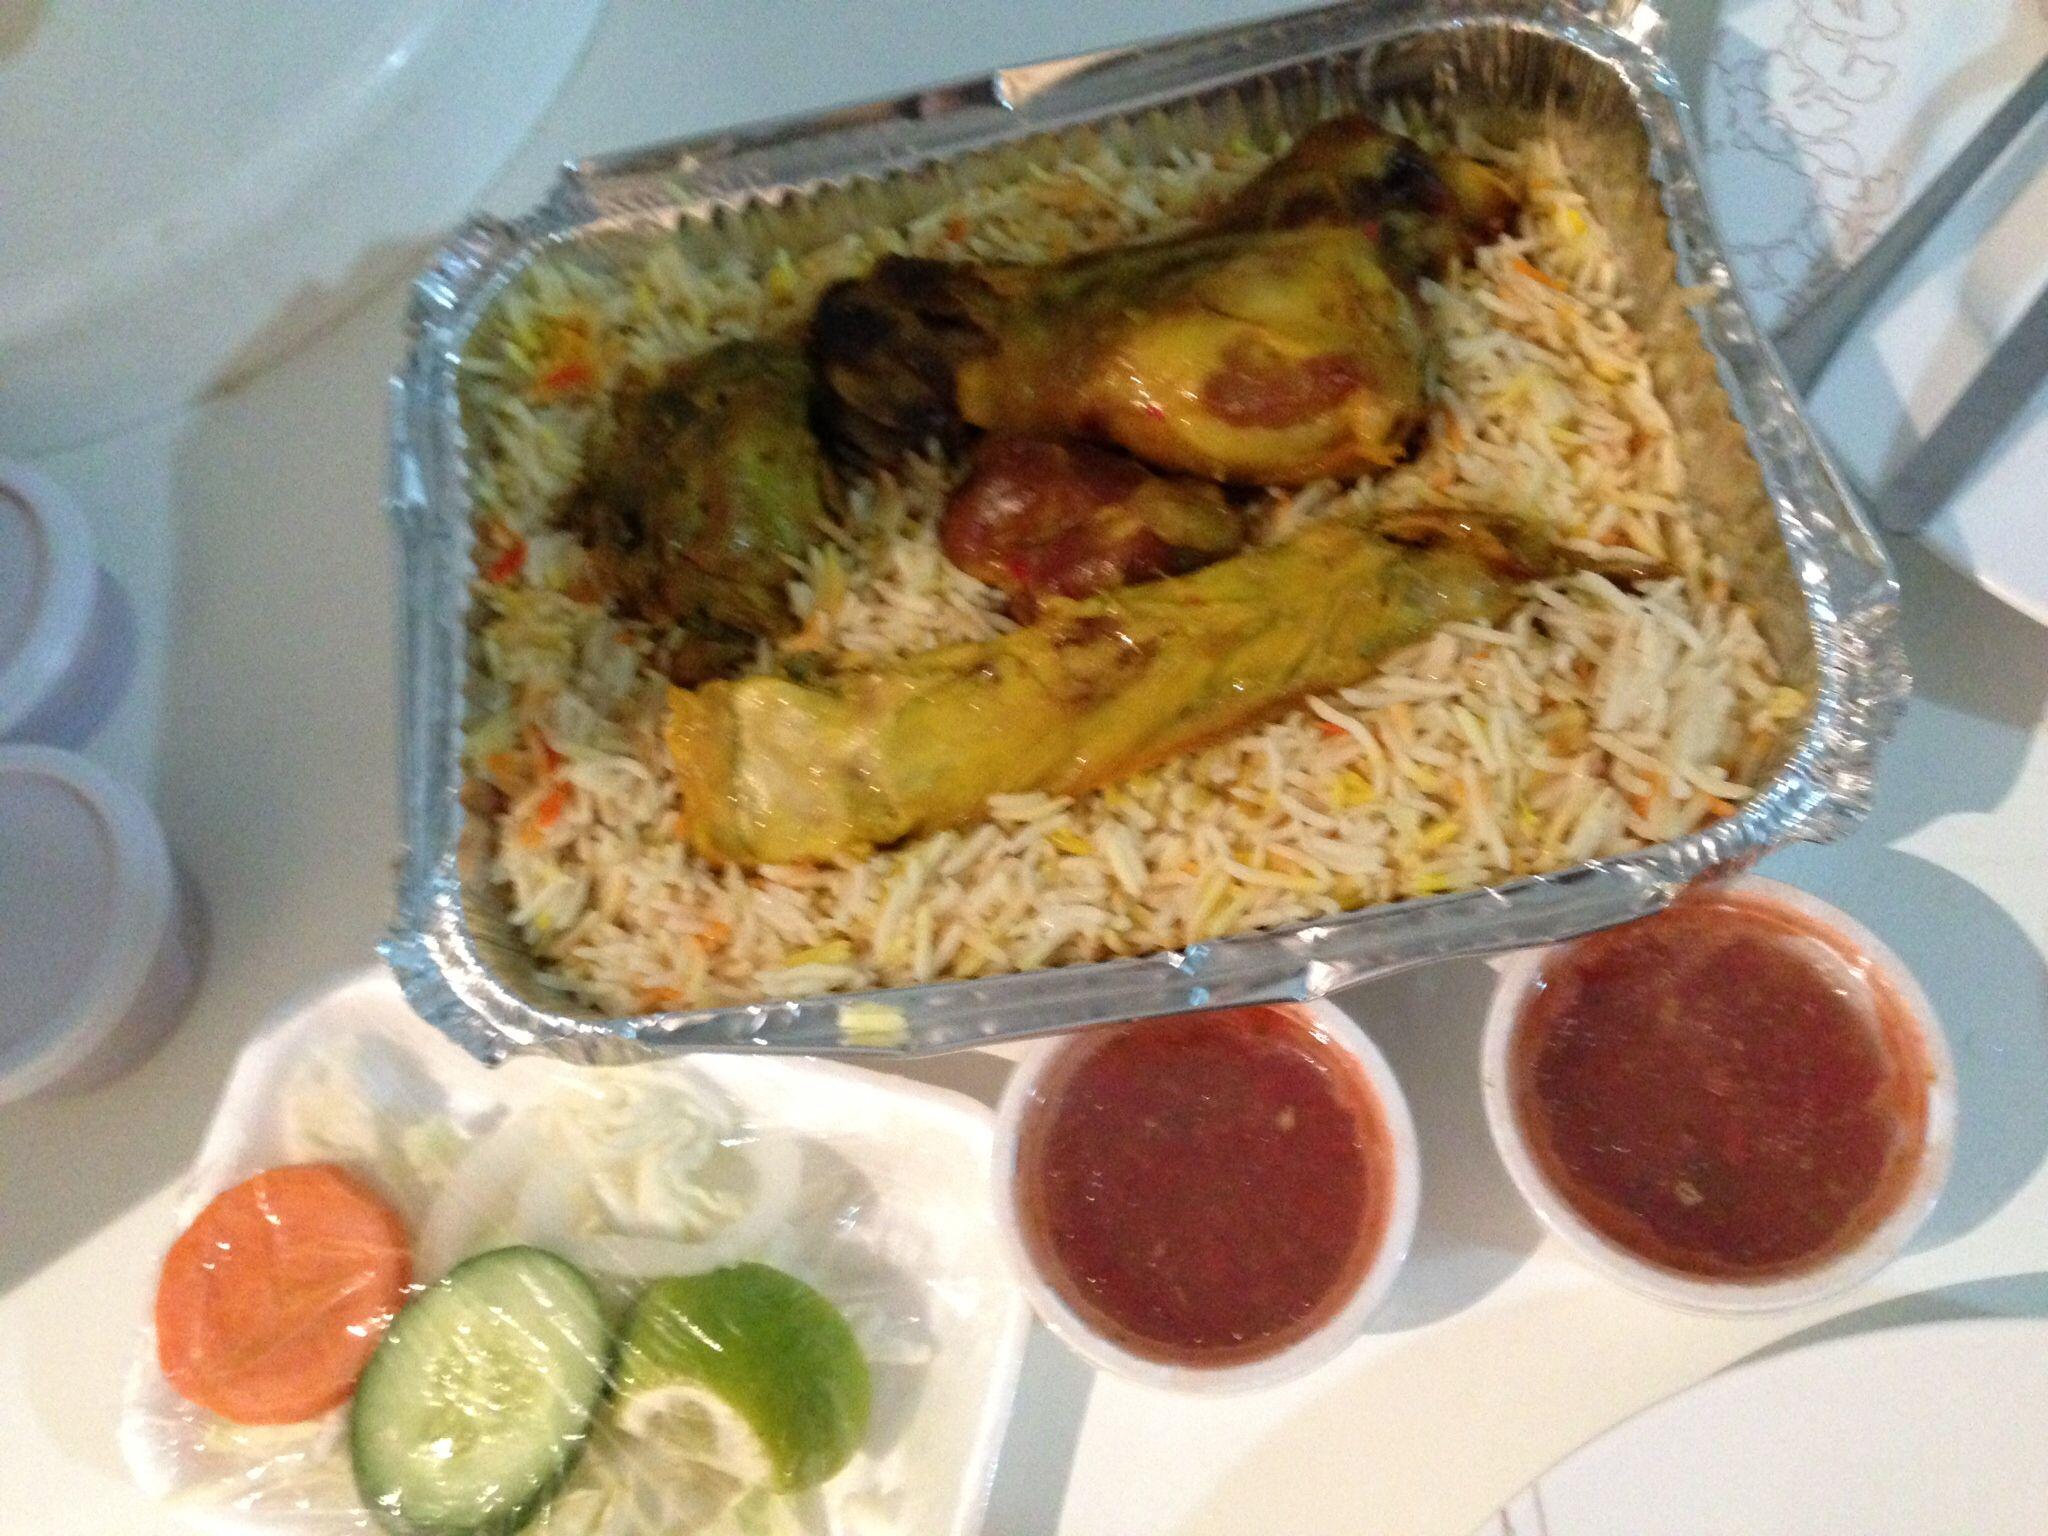 Lamb mandi #arabic food | Food | Food, Halal recipes, Ethnic recipes